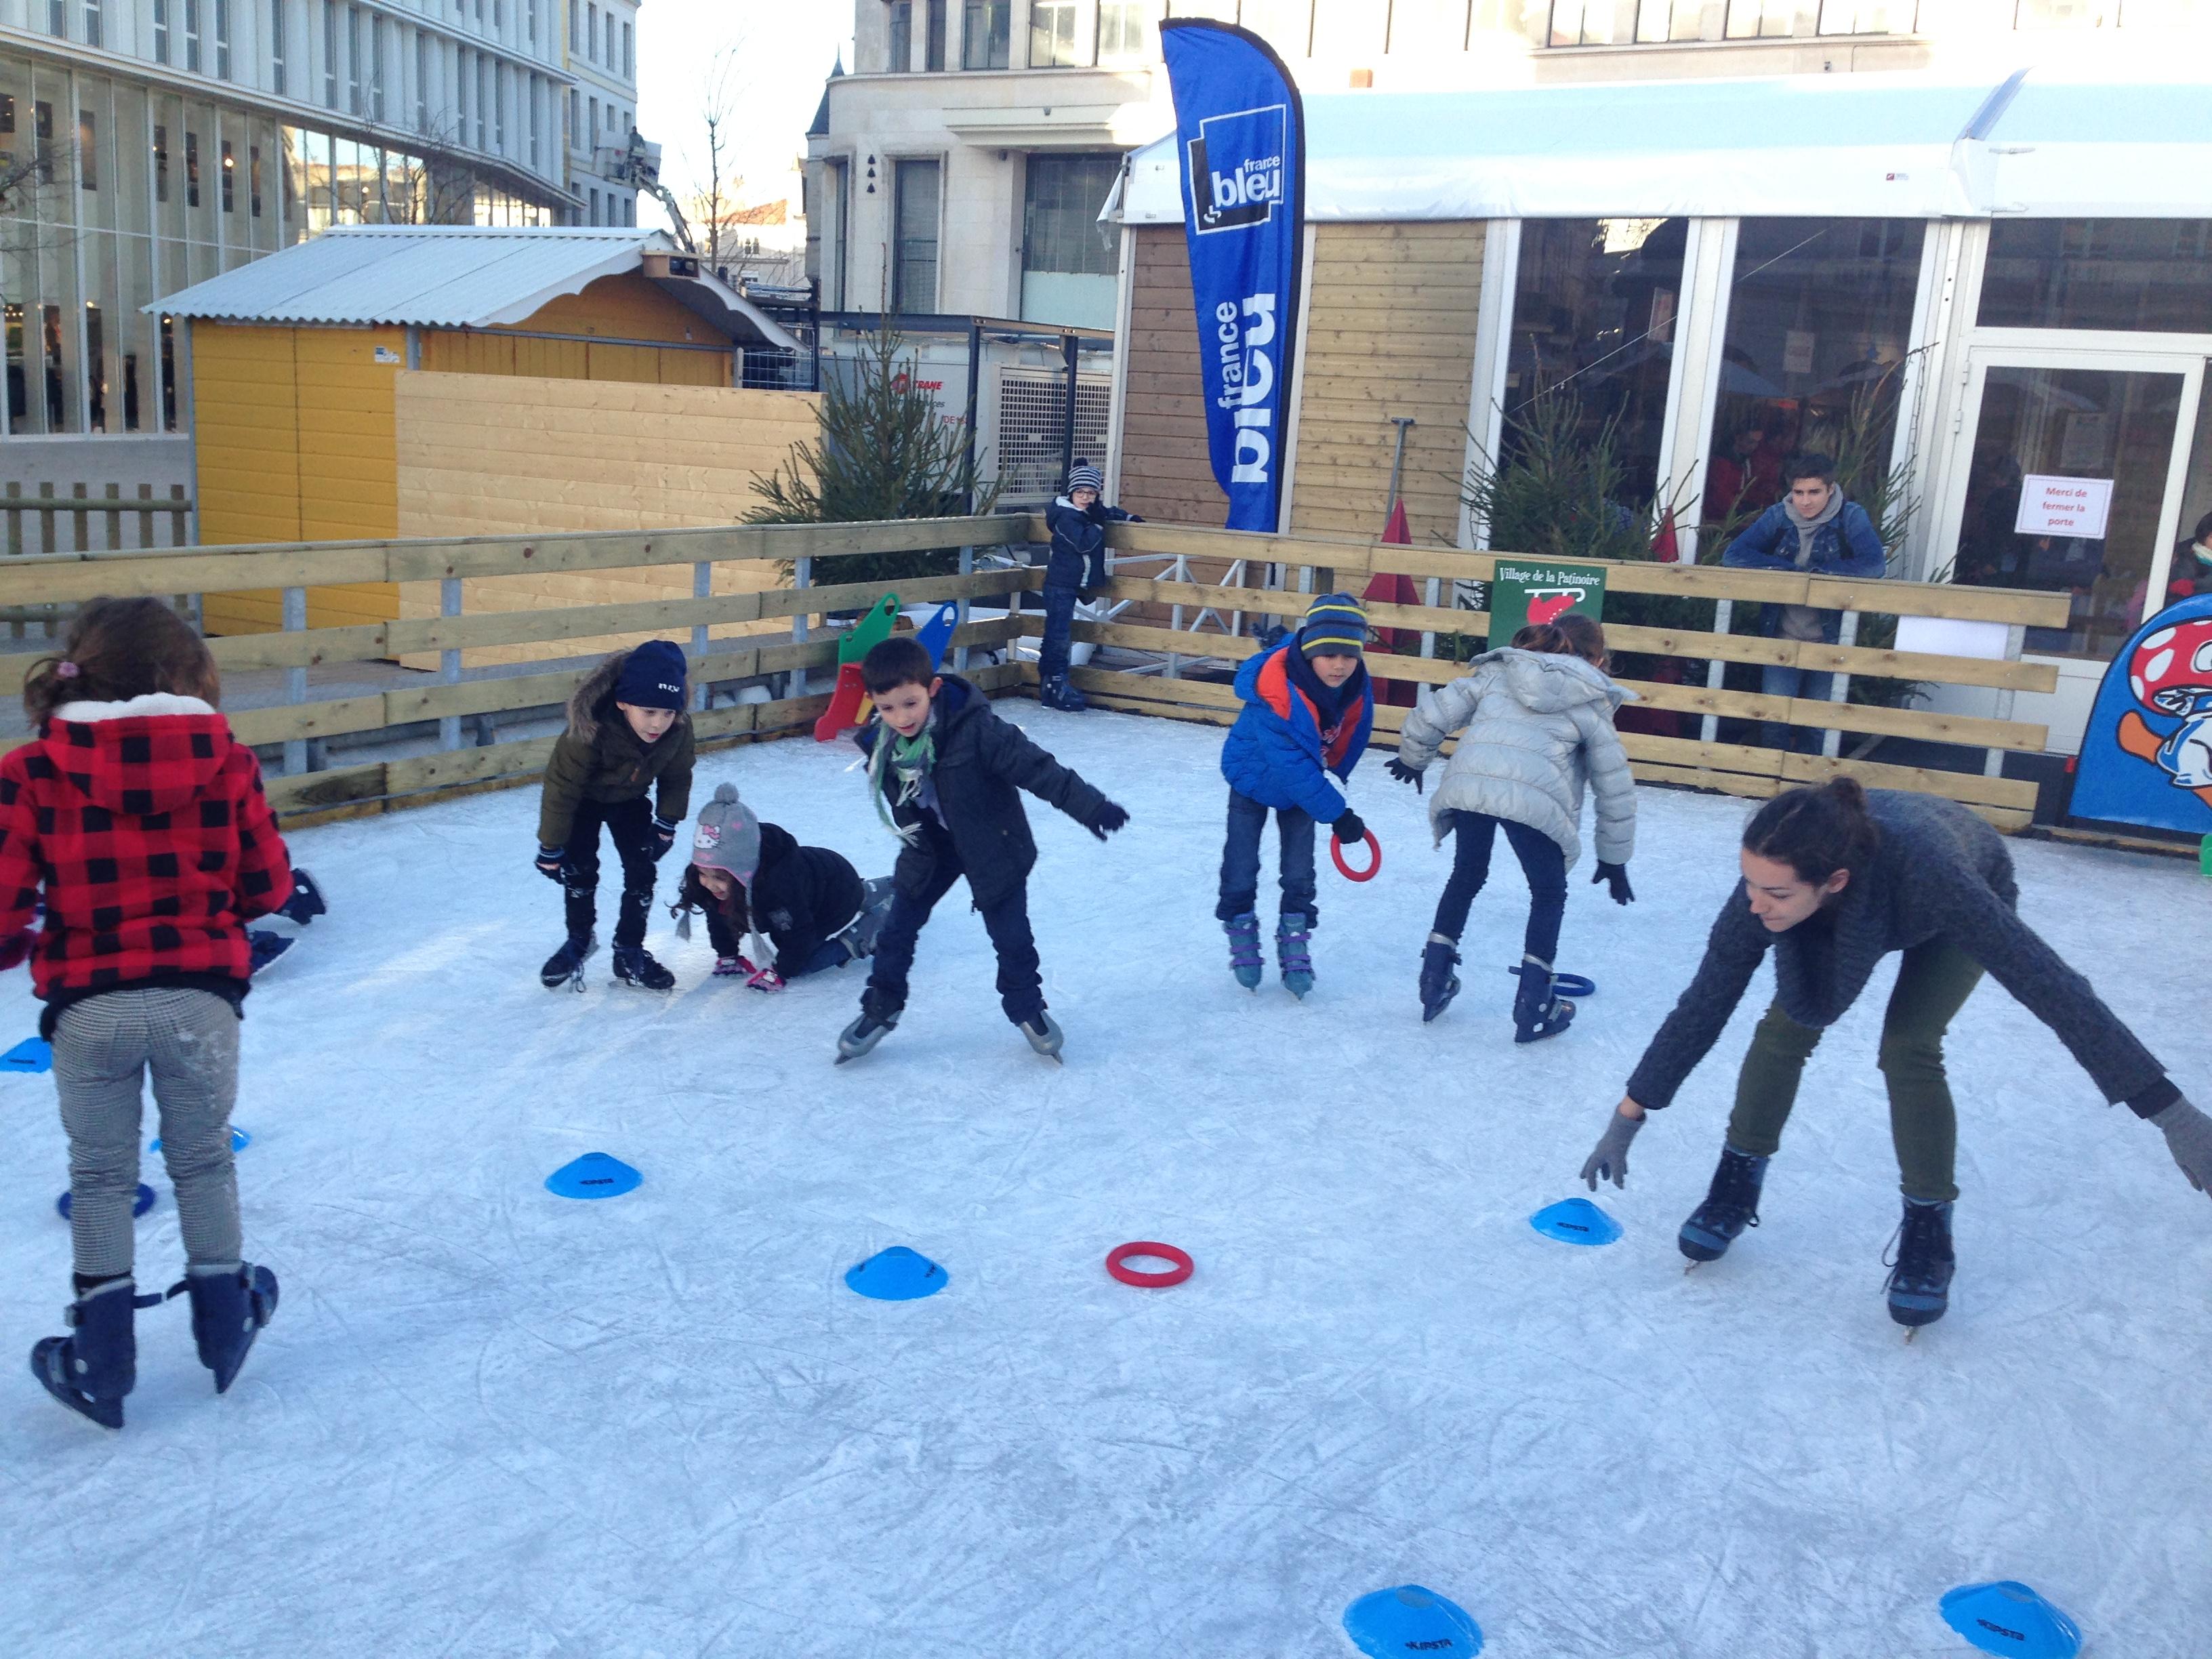 Sortie la patinoire du centre ville de poitiers les - Piscine poitiers horaires ...